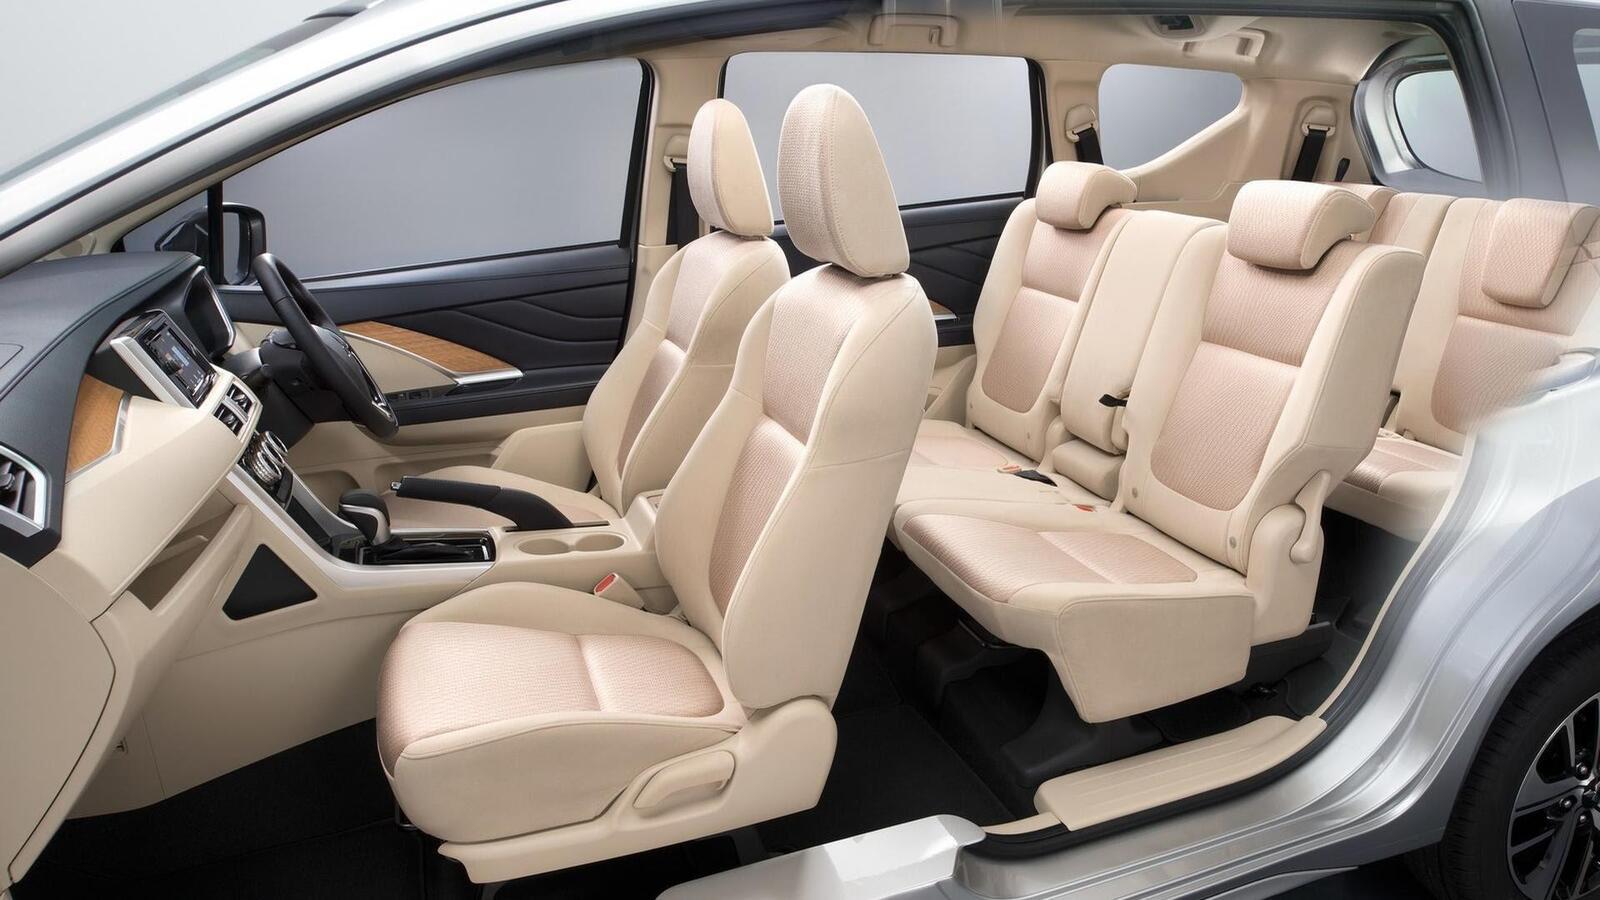 Rò rỉ hình ảnh Mitsubishi Xpander 2018 chạy thử tại Việt Nam - Hình 14